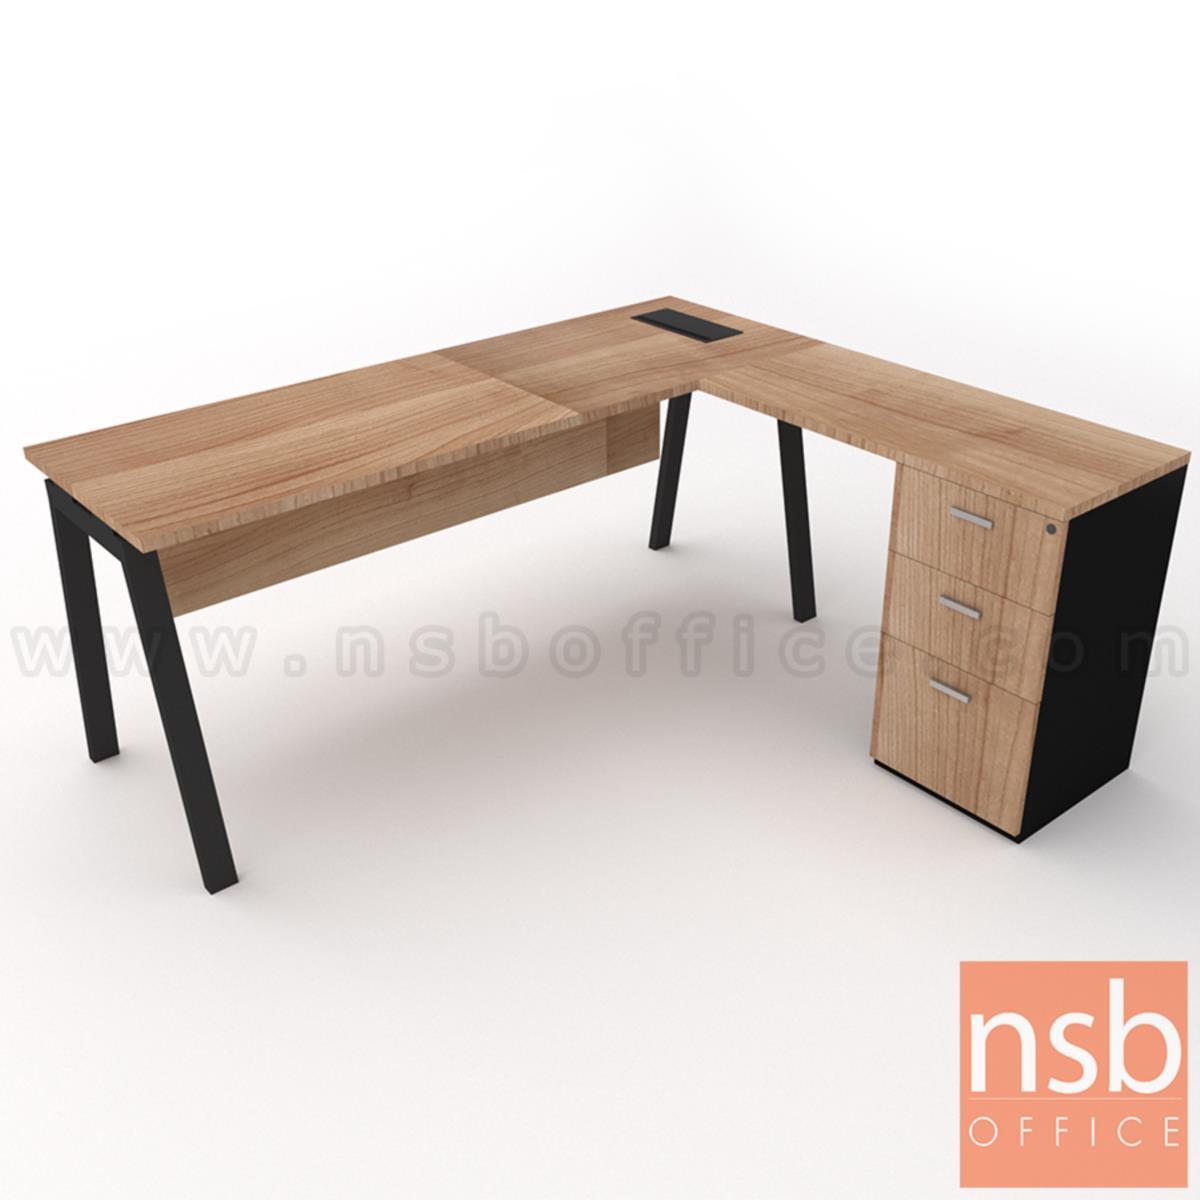 A16A084:โต๊ะทำงานตัวแอล รุ่น Slash-3 (สแลช-3) ขนาด 150W, 180W*60D, 80D cm. พร้อมตู้ลิ้นชักข้างและรางไฟ รุ่น A24A034-1 ขาเหล็ก